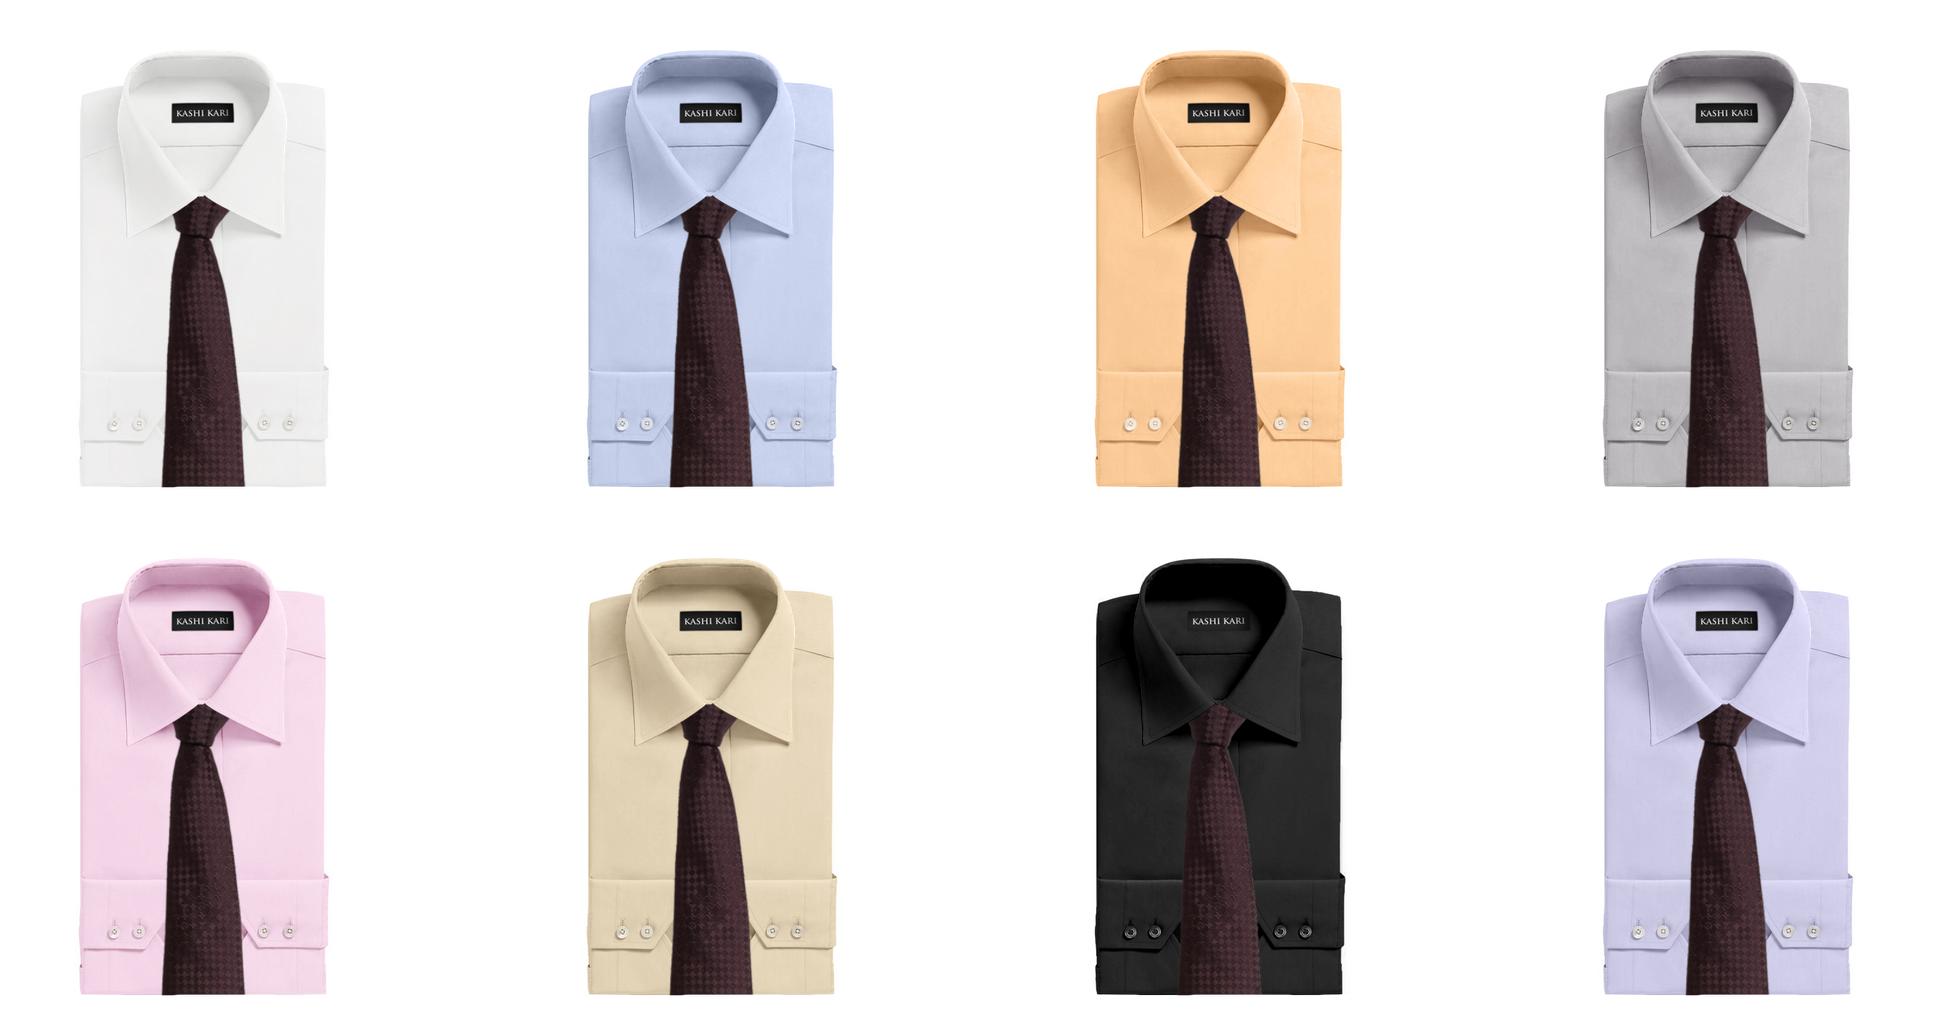 ブラウン系のネクタイと無地シャツのコーディネート・組み合わせ